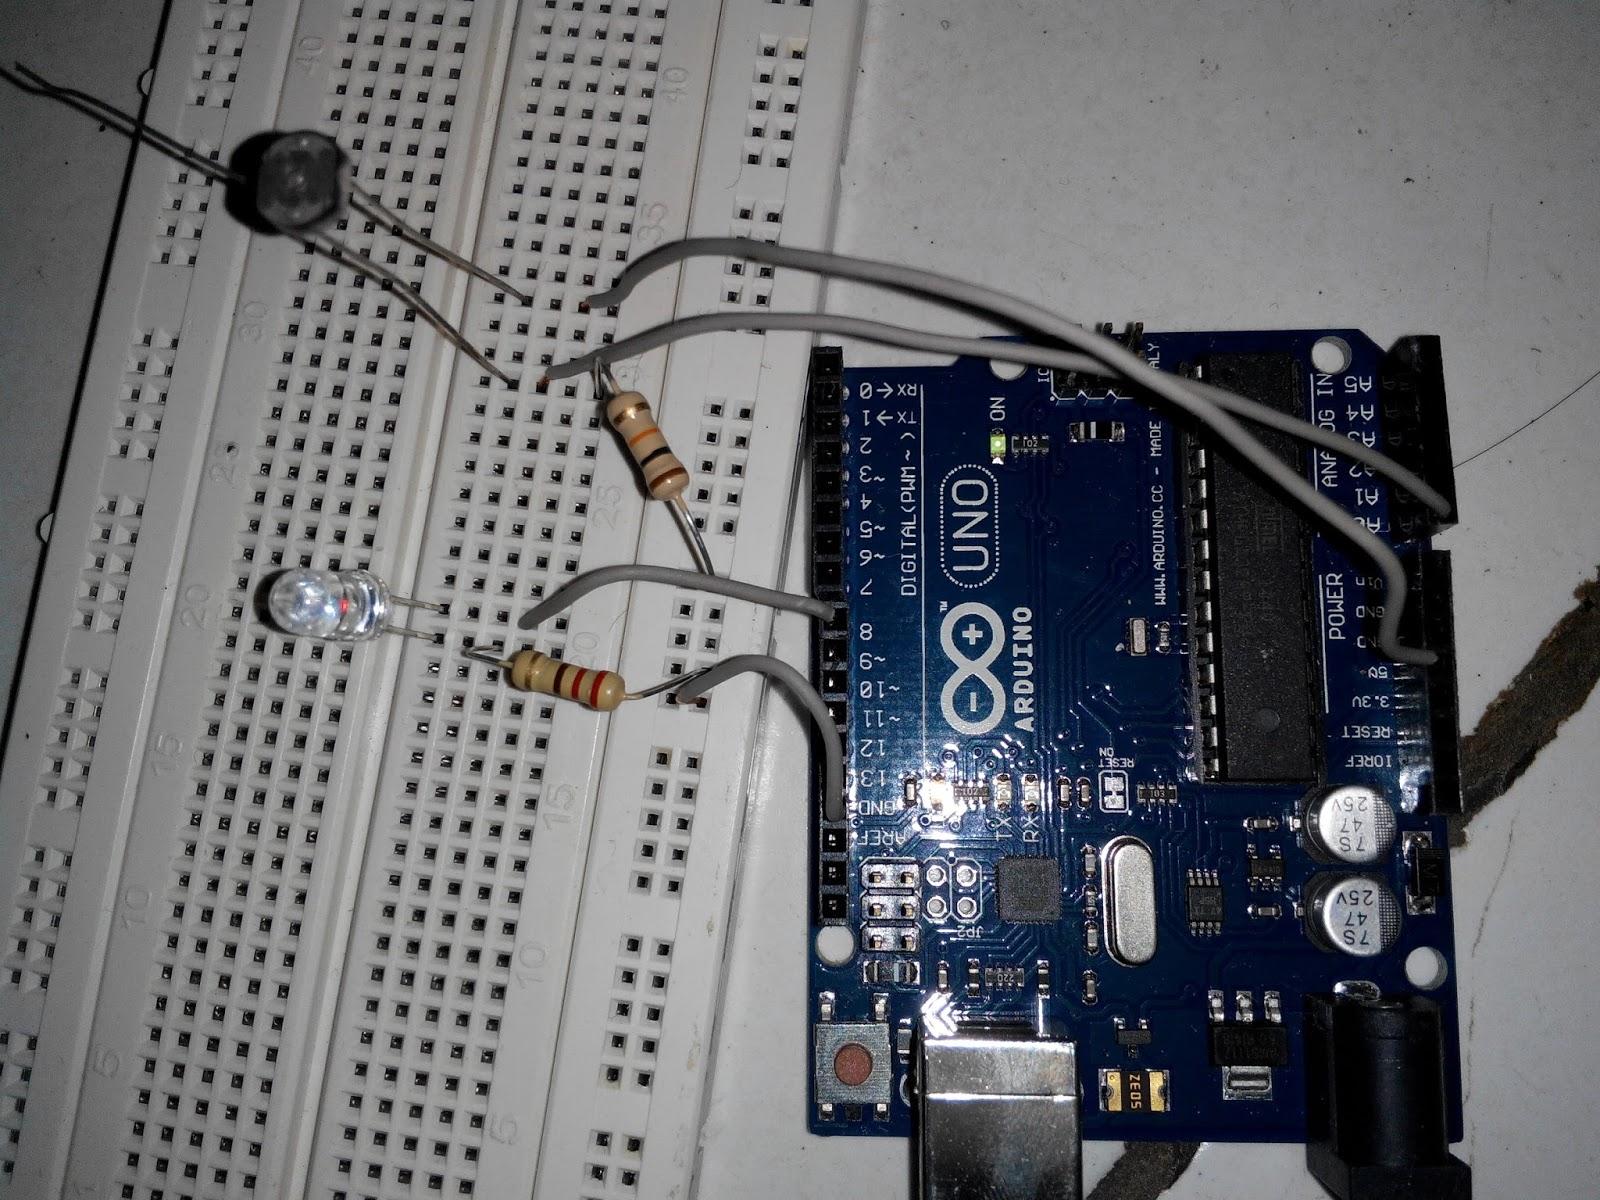 Penggunaan Ldr Pada Arduino Sebagai Sensor Cahaya Mari Berbagi Info Langkah Pertama Rangkai Komponen Tadi Seperti Gambar Dibawah Ini